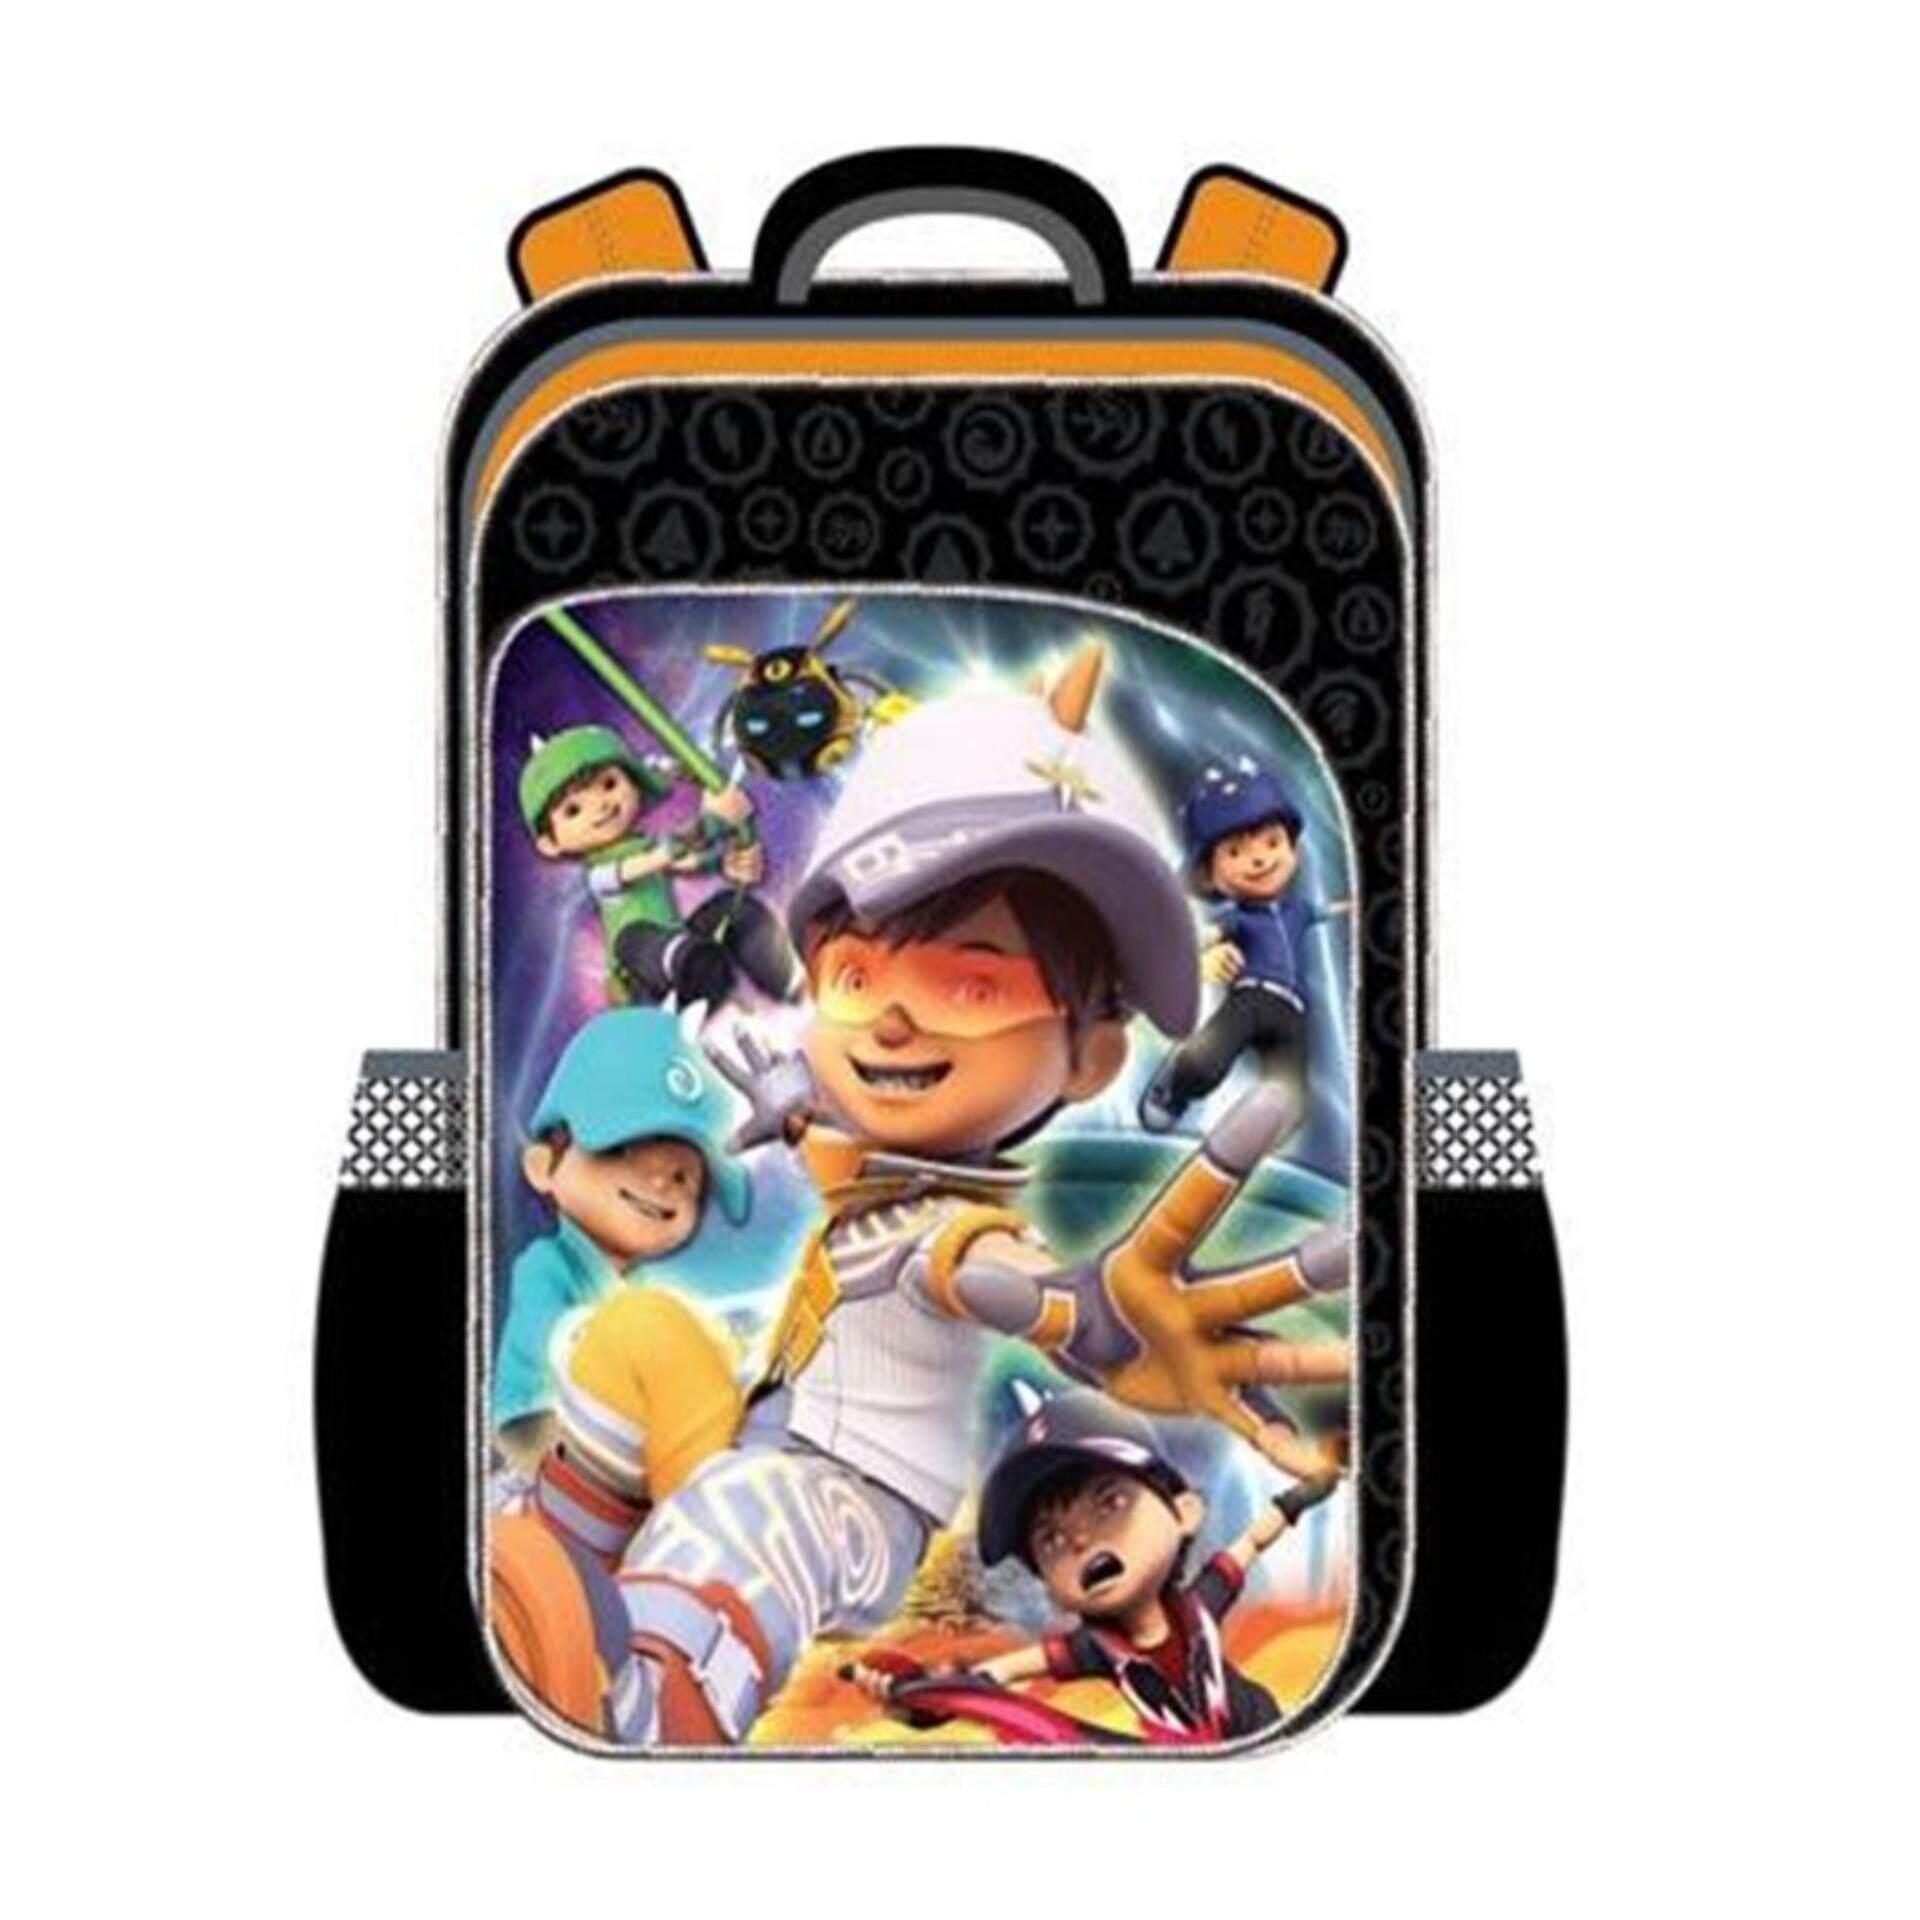 Boboiboy Galaxy Primary School Bag Backpack Boboiboy Solar